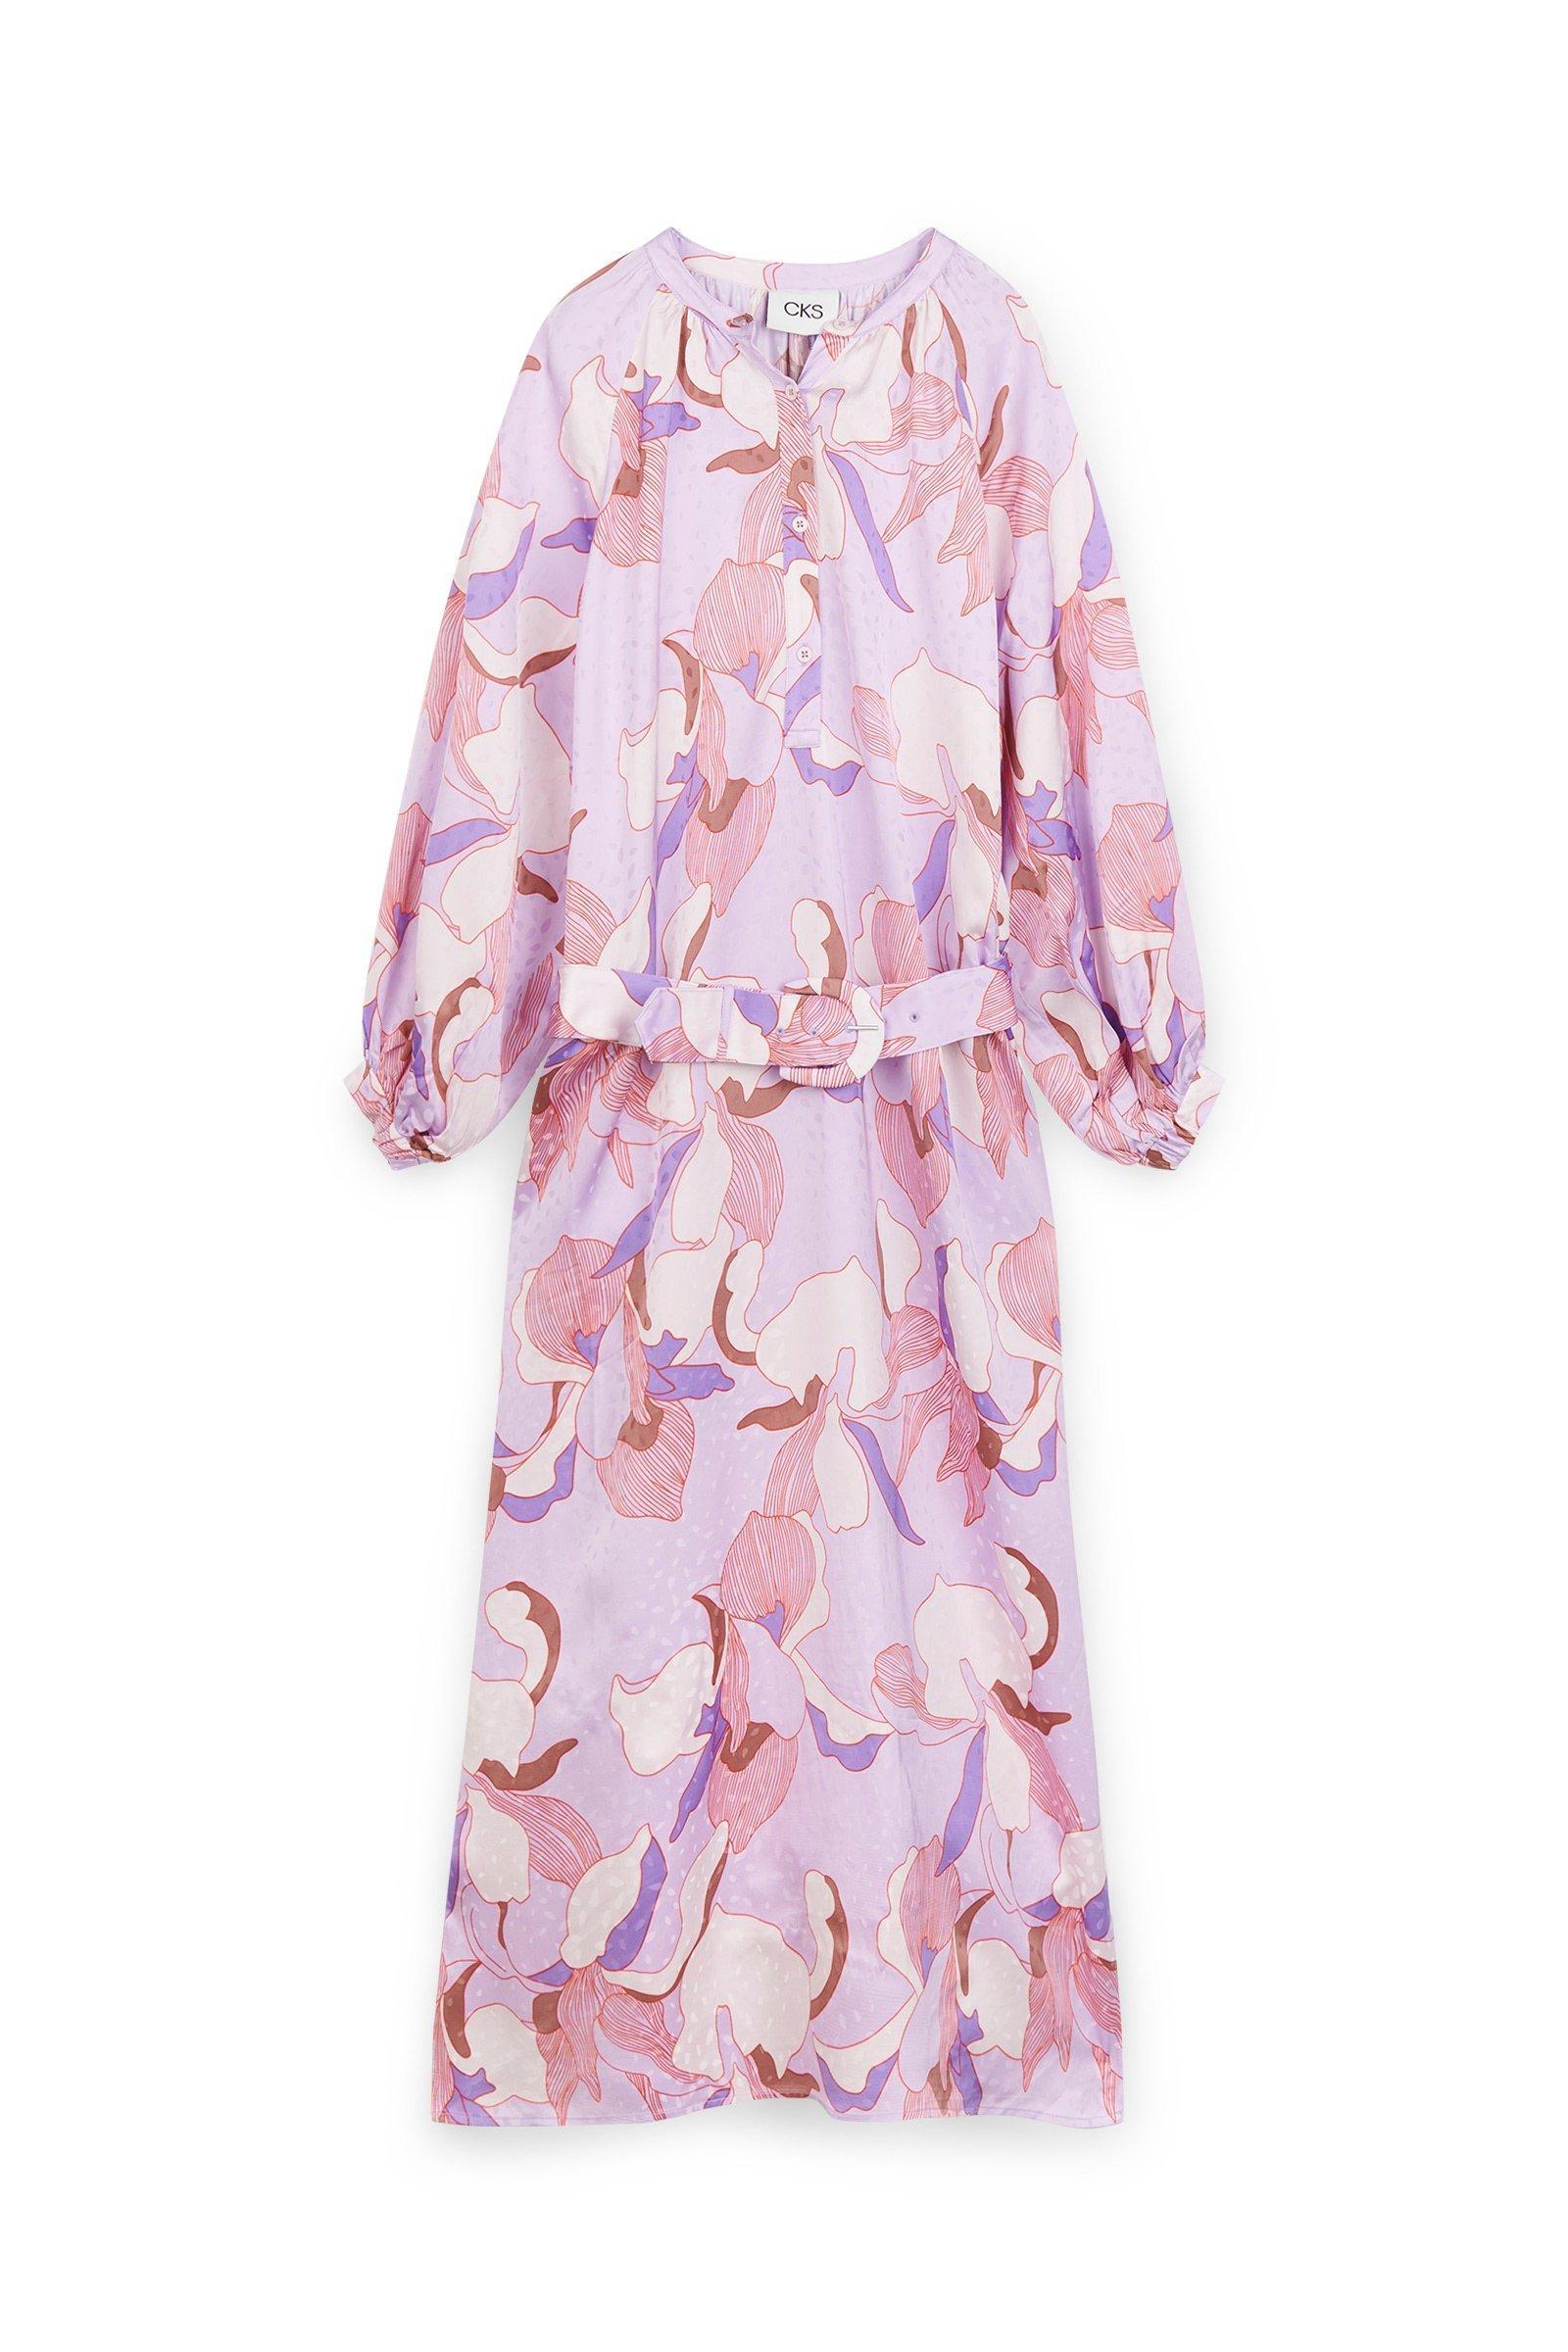 CKS Dames - MALI - lange jurk - meerkleurig